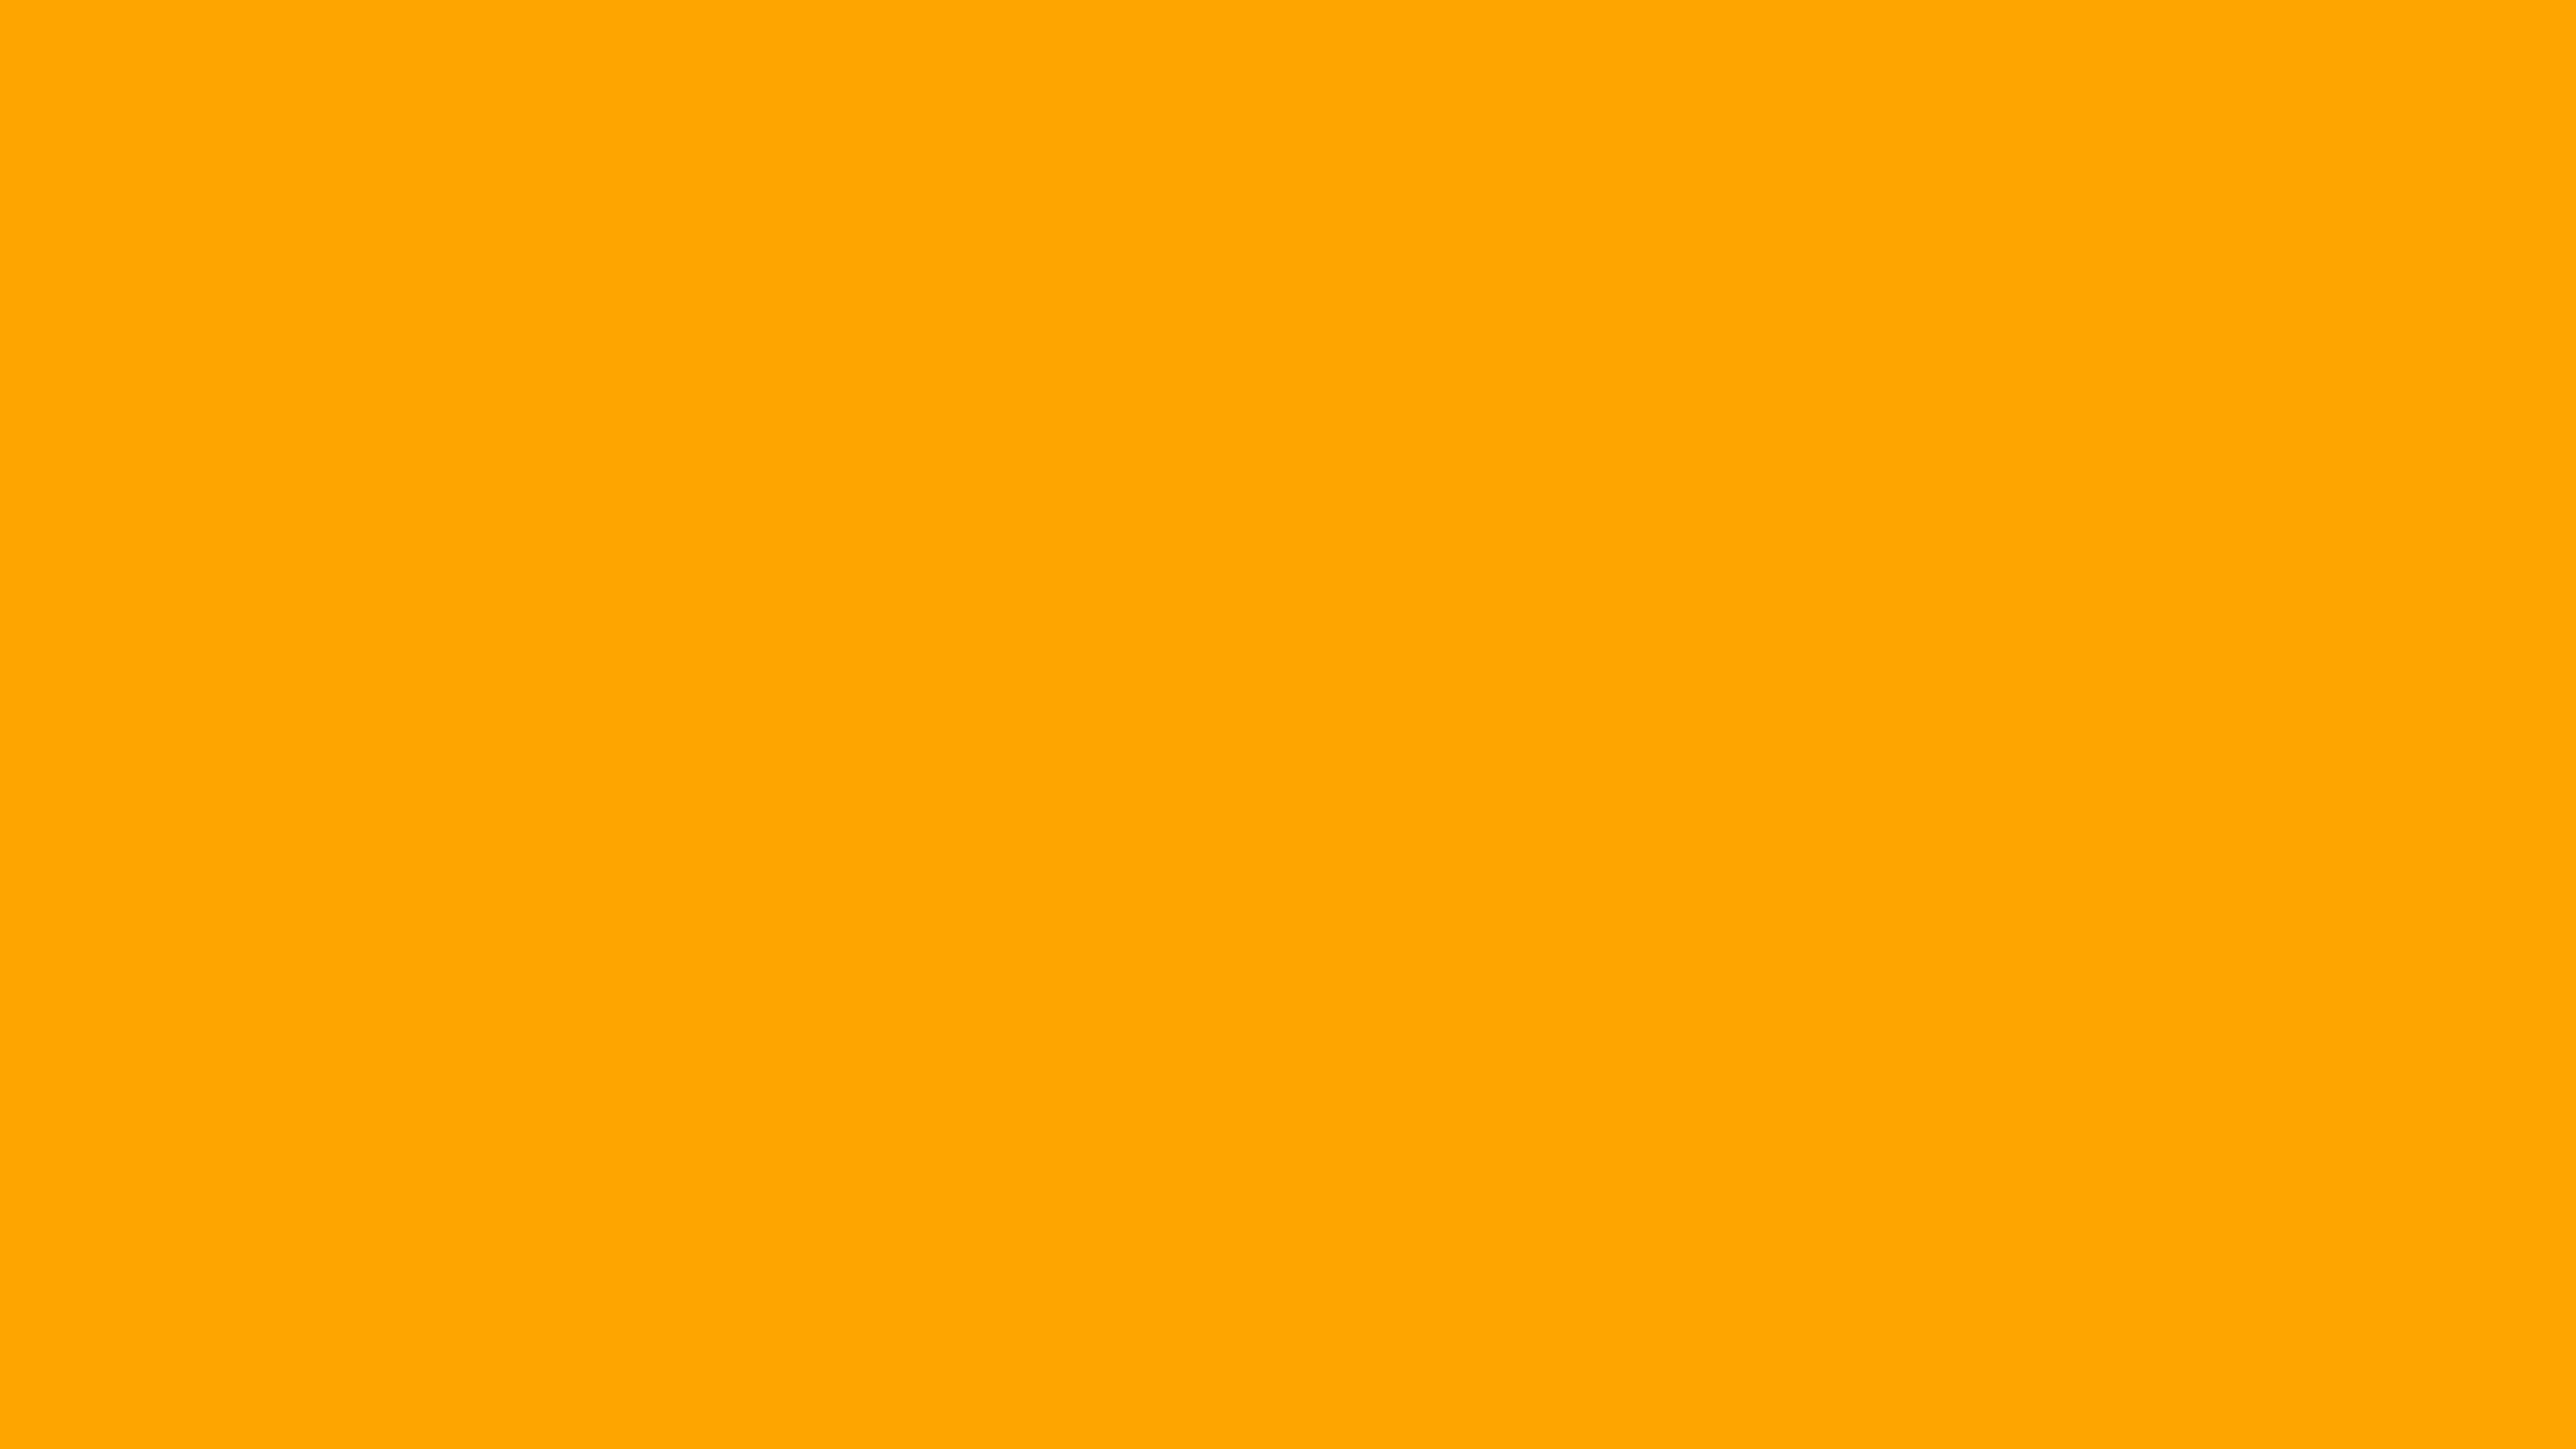 3840x2160 Orange Web Solid Color Background